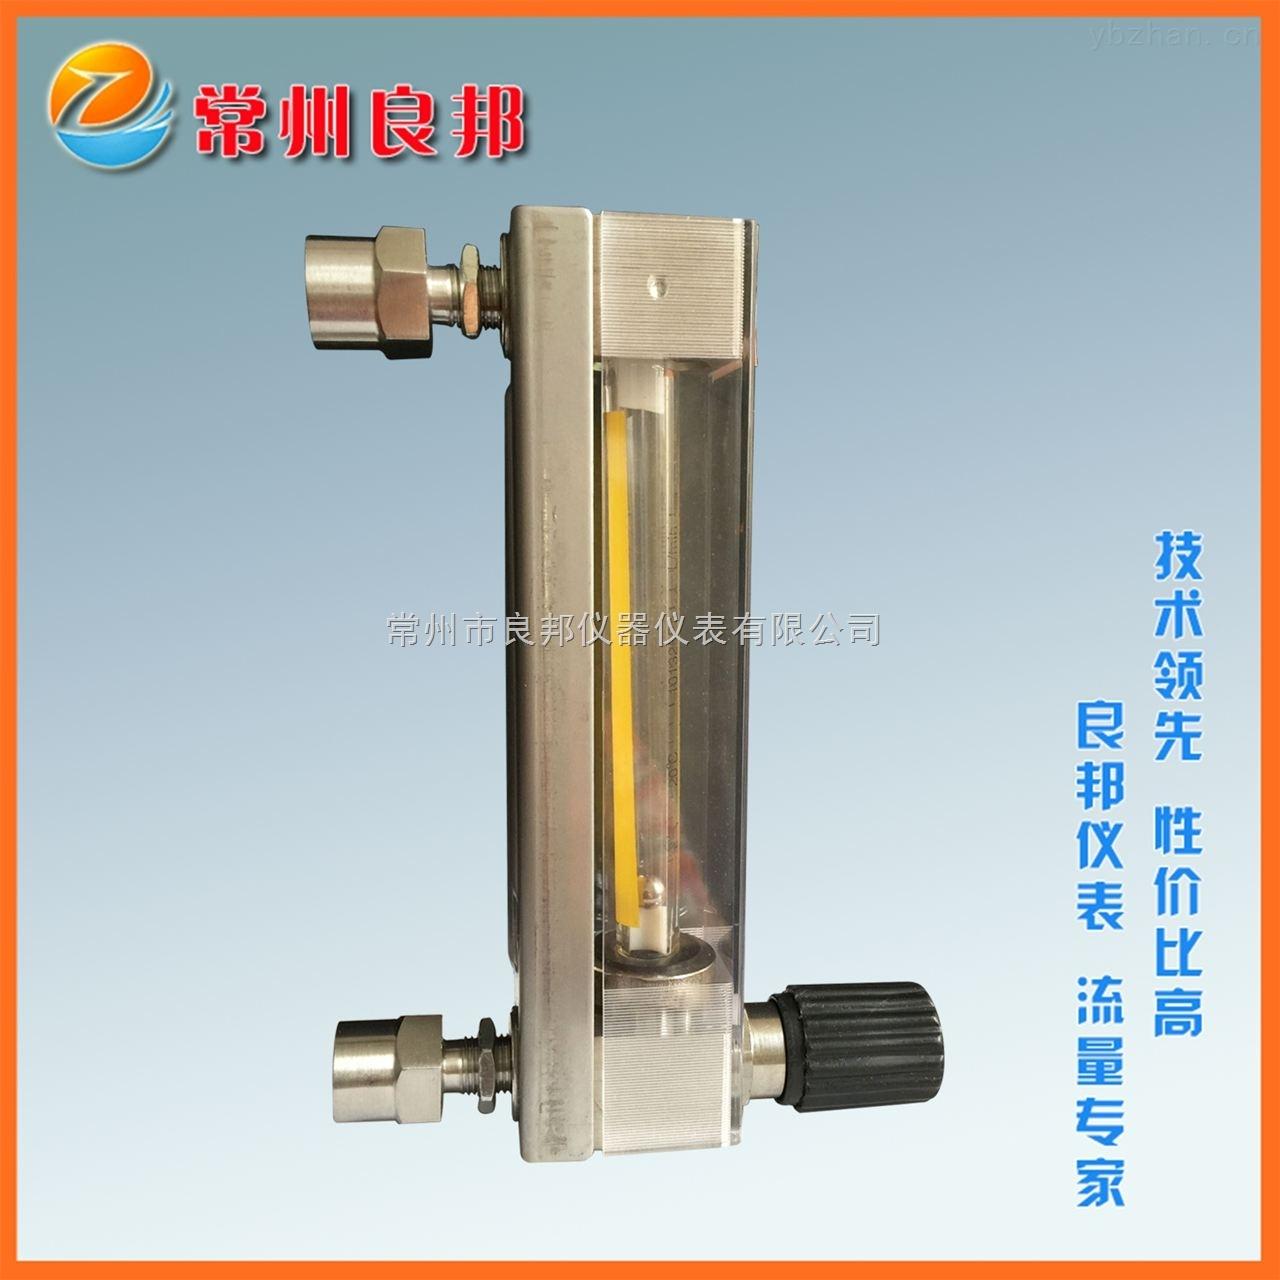 DK800-6F-丙酮玻璃轉子流量計常州廠家現貨批發 熱處理電爐配G1/4內絲 包郵重慶